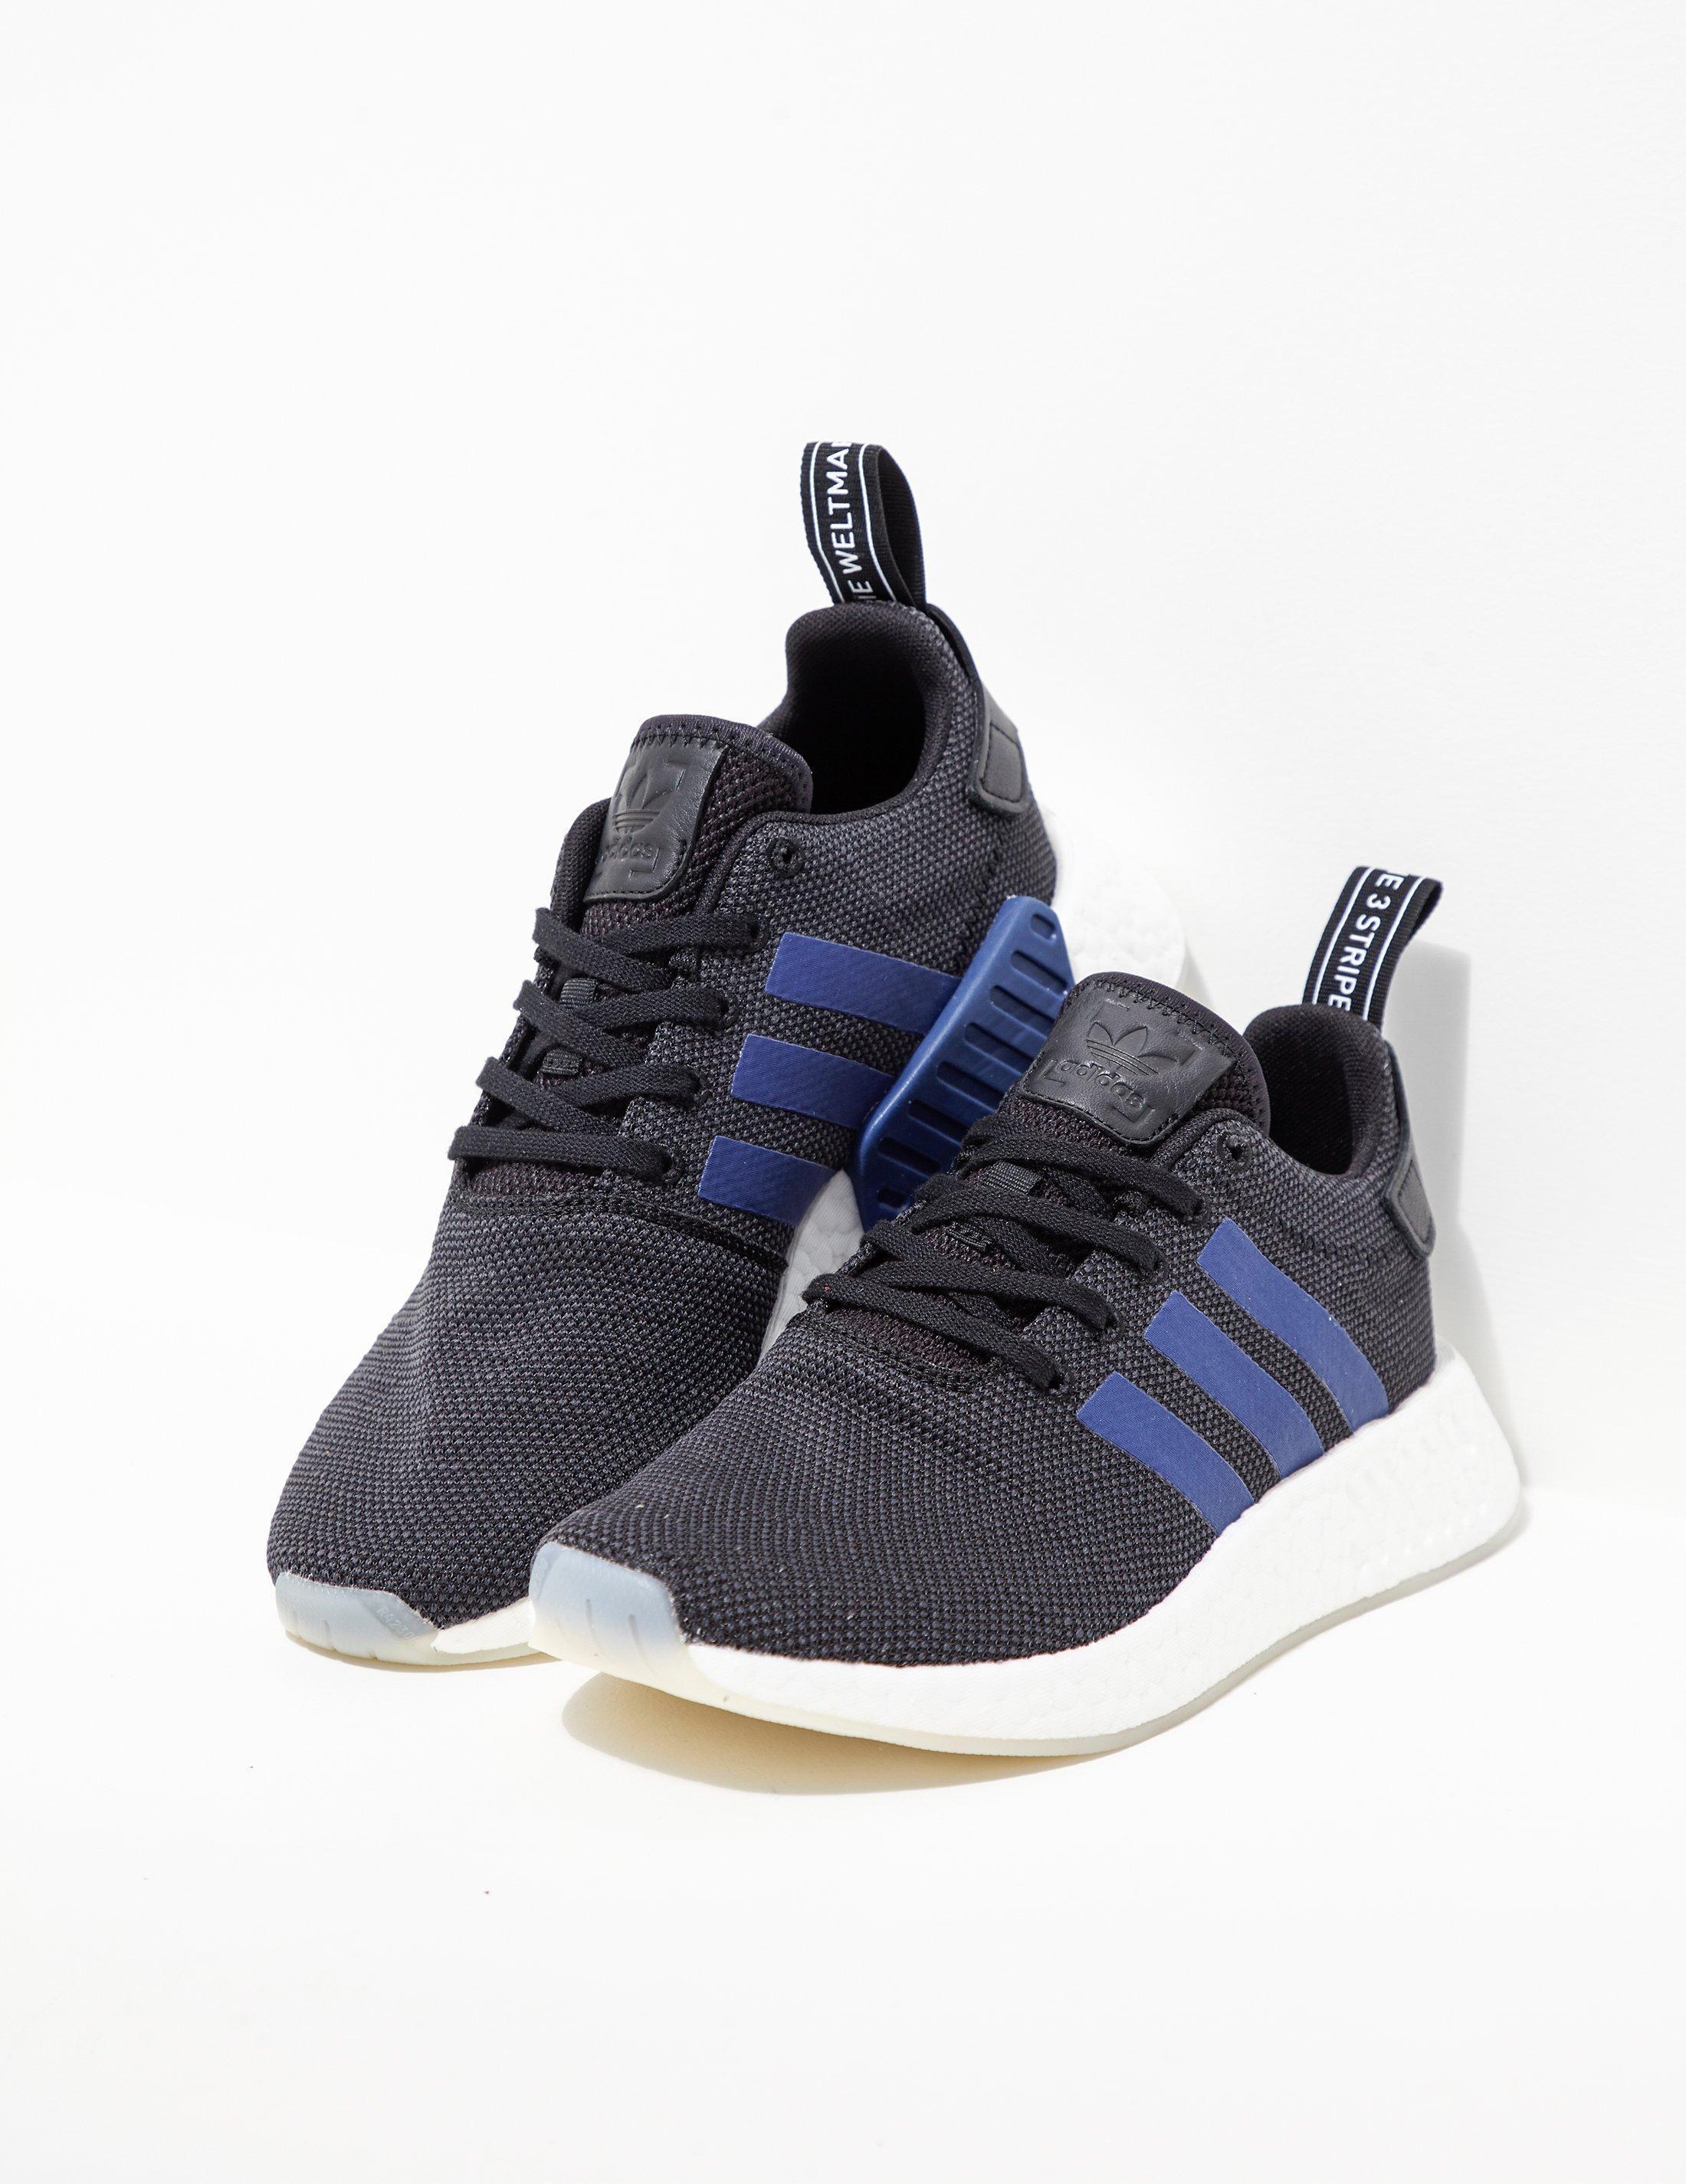 best sneakers 936a3 903b9 Nmd R2 Women's Black